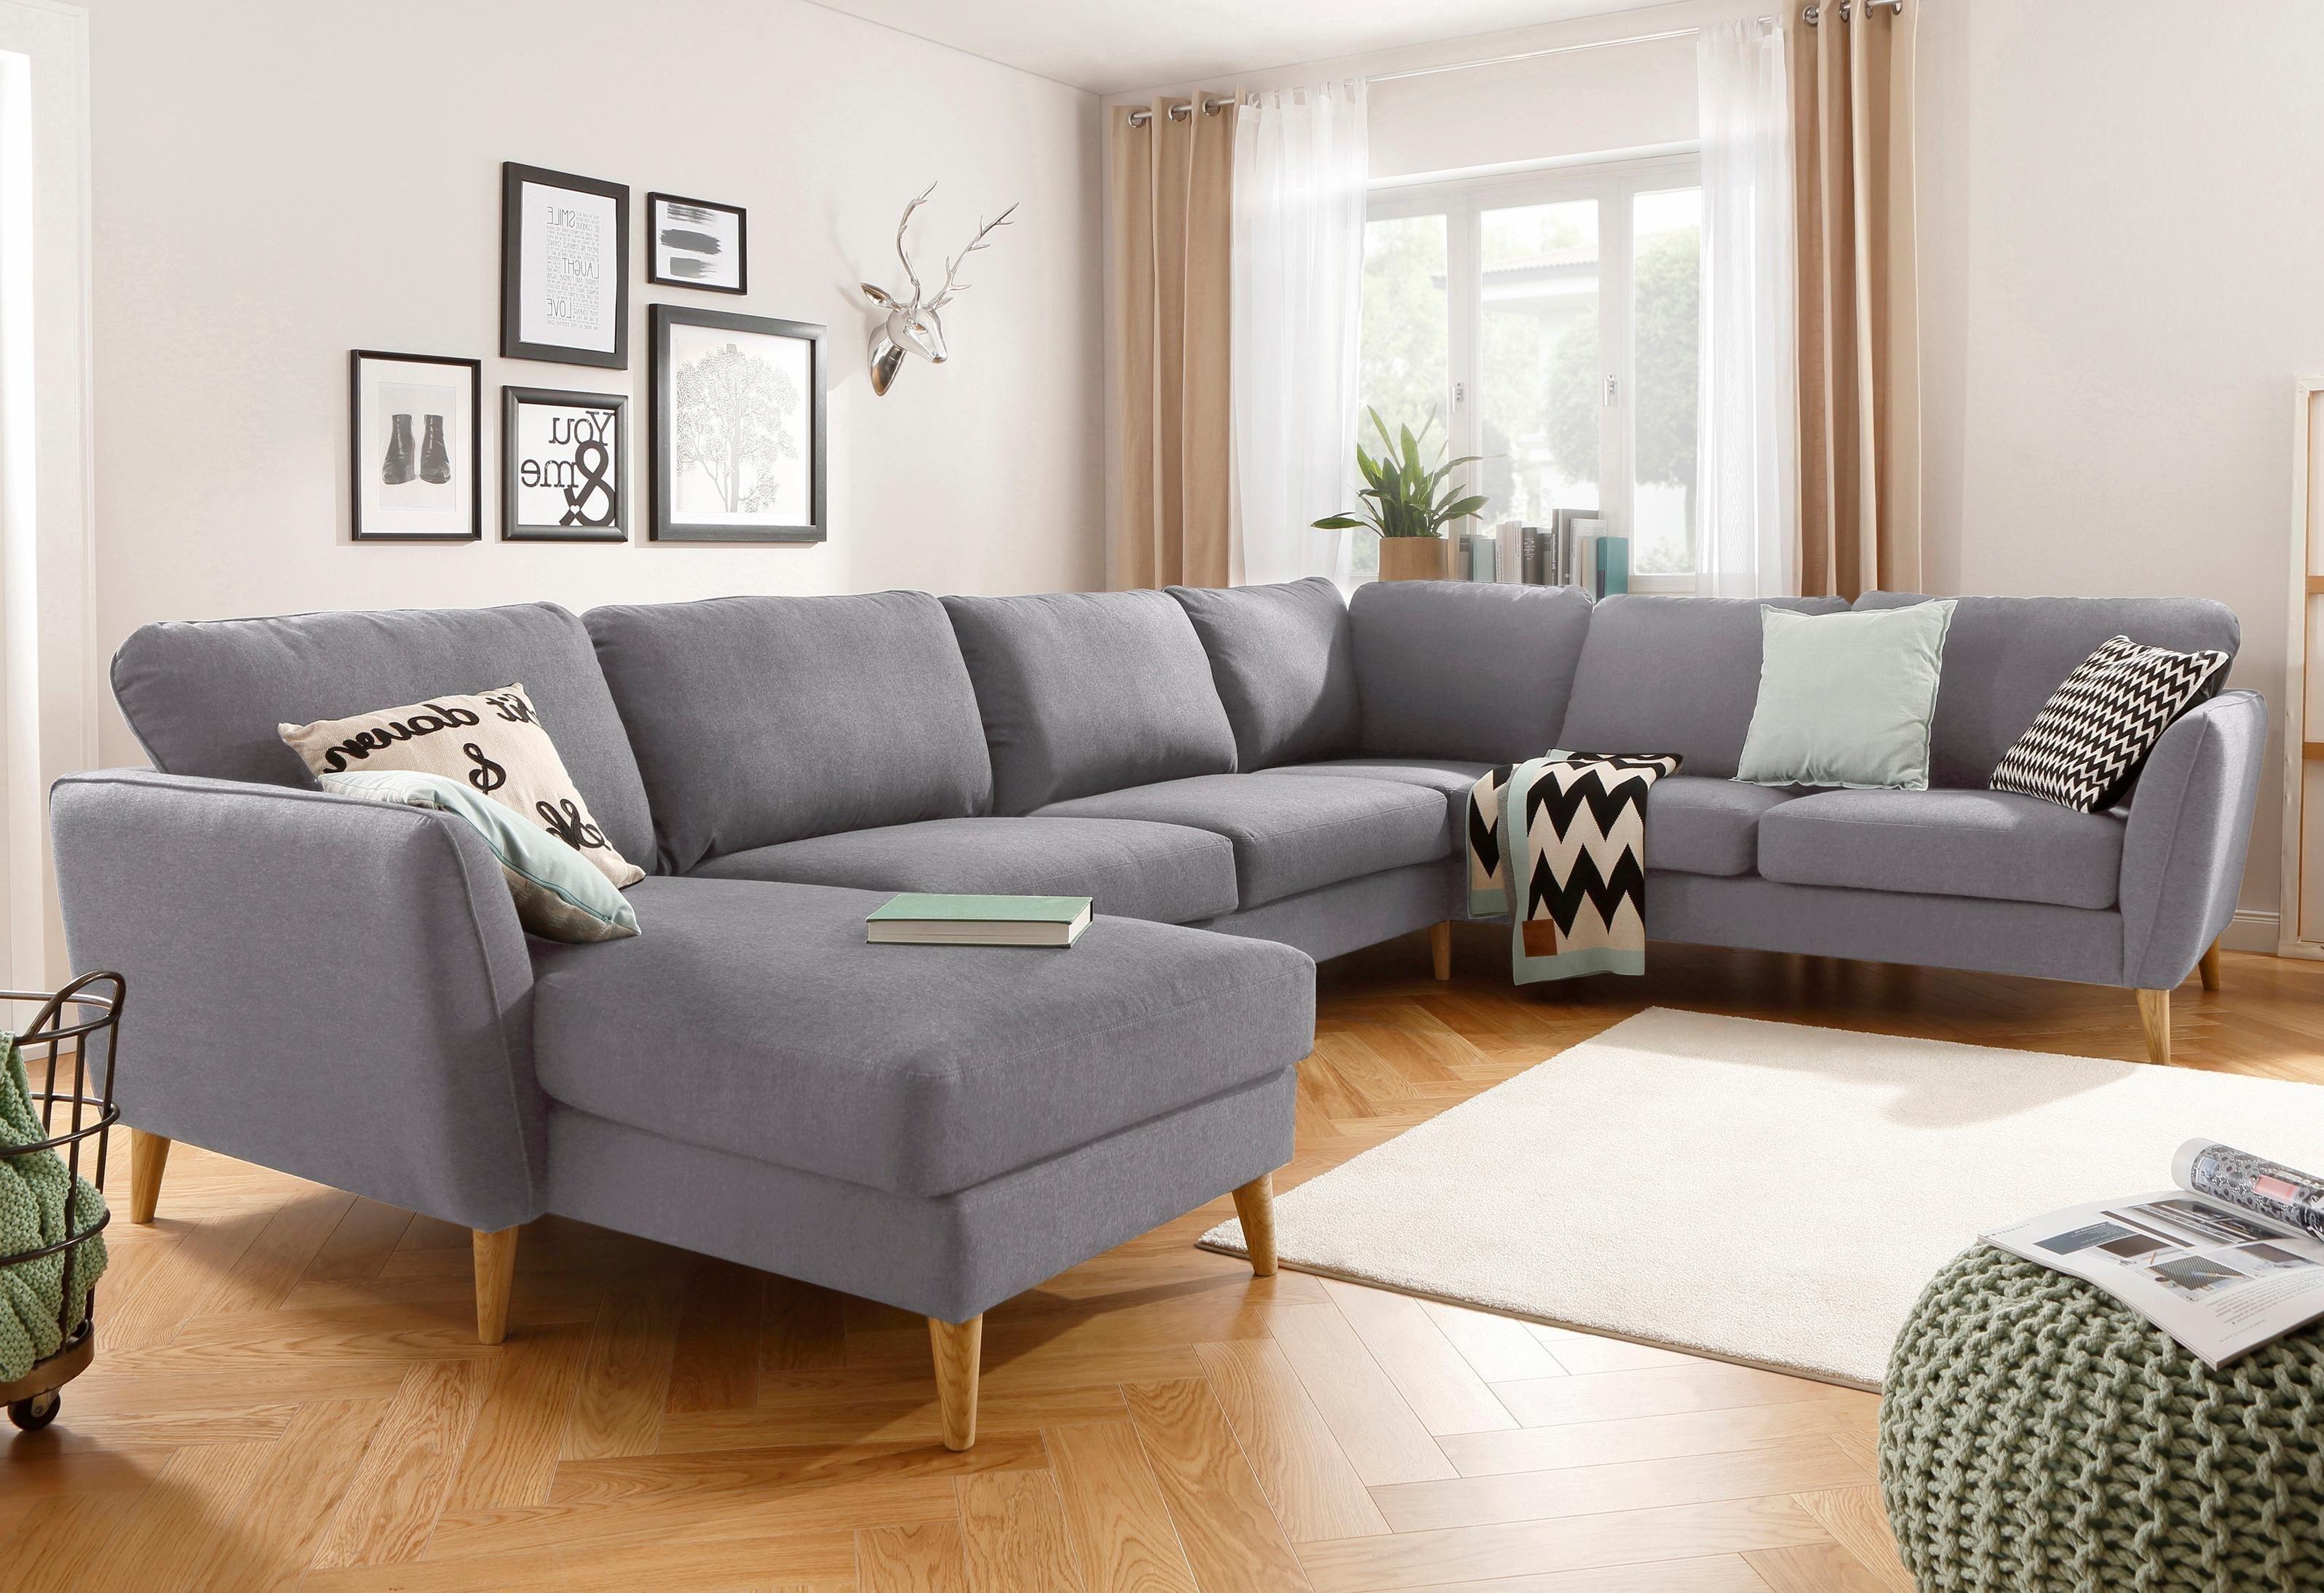 Home Affaire Wohnlandschaft Marseille In Skandinavischem Wohnen Wandfarbe Wohnzimmer Einrichtung Skandinavischer Stil